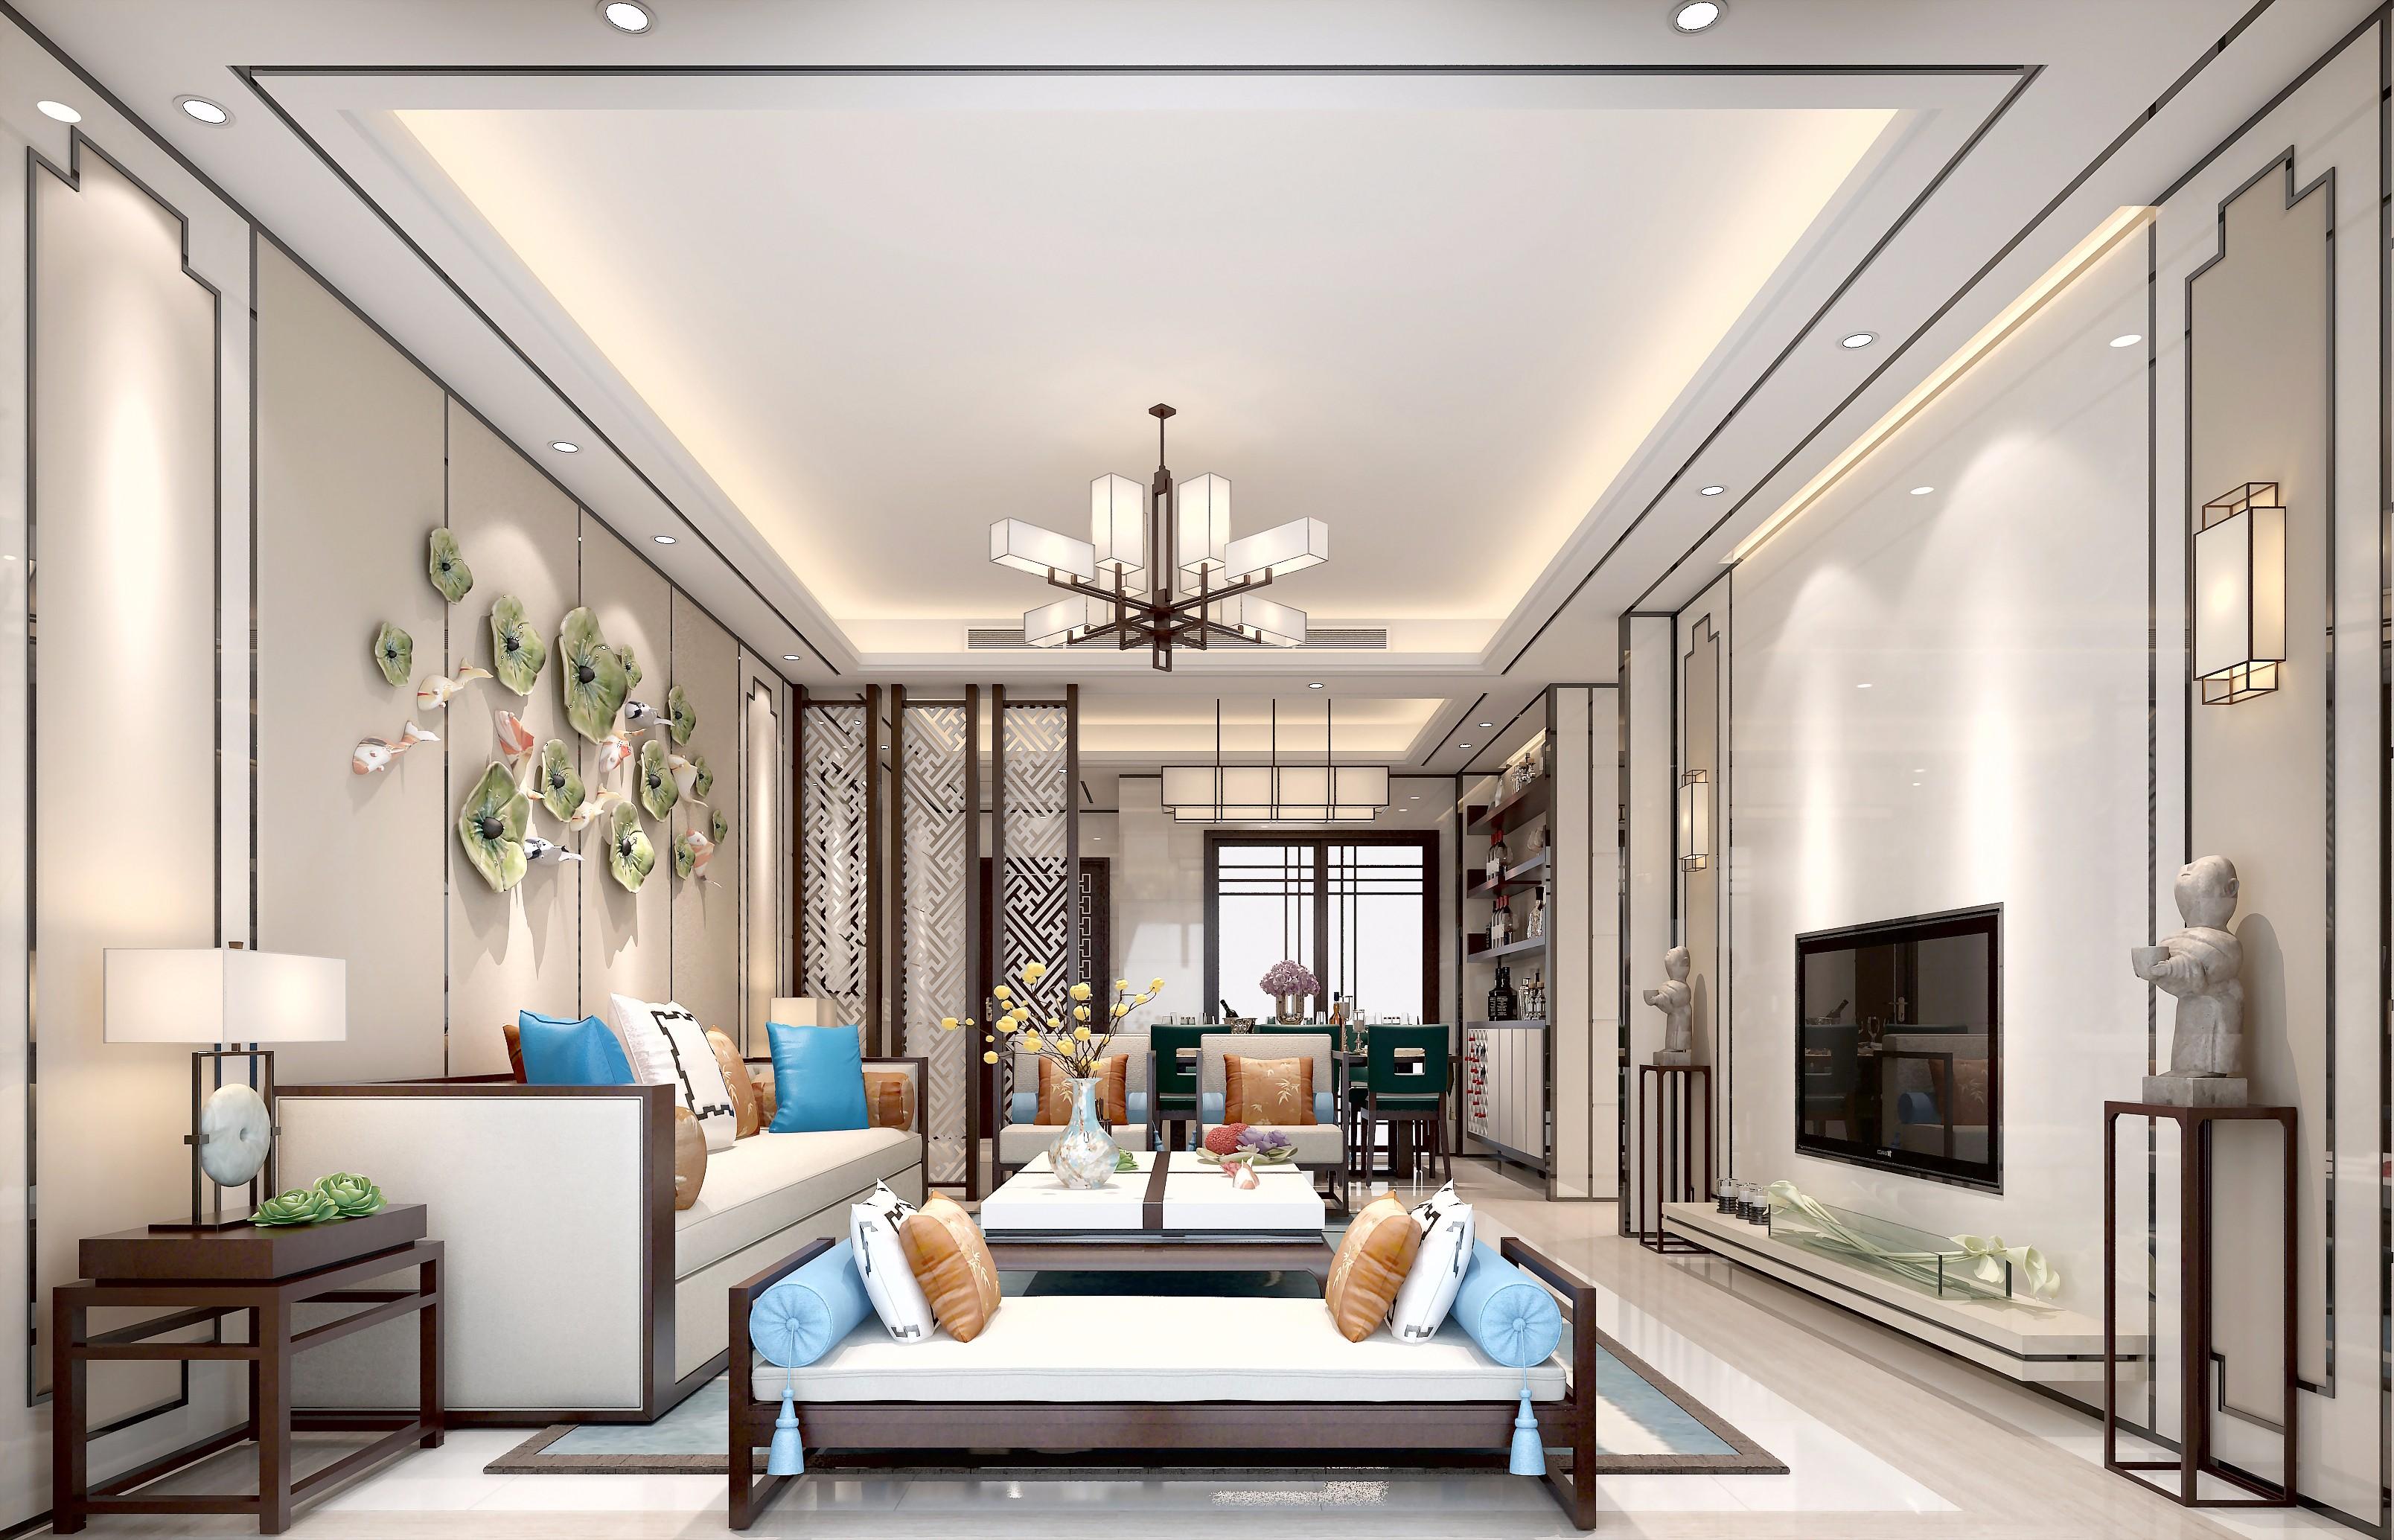 新中式奢华风 - 效果图交流区-建e室内设计网